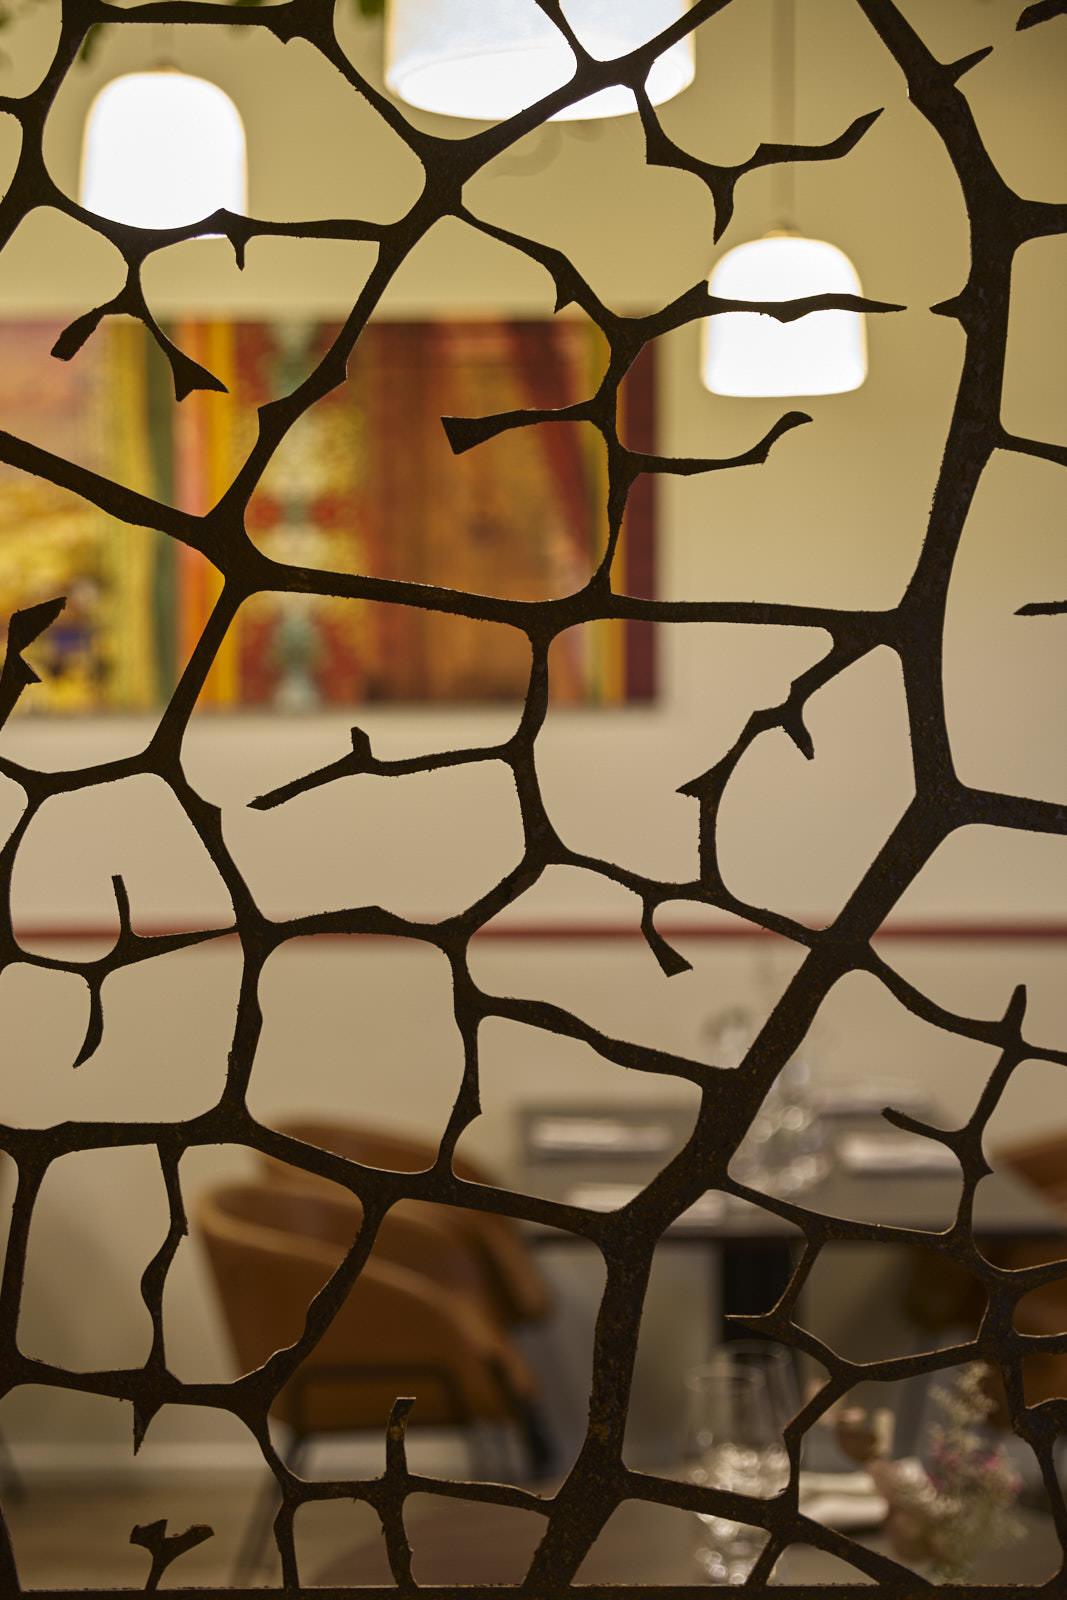 Restaurant gastronomique Bordeaux La Crèmerie création de claustra